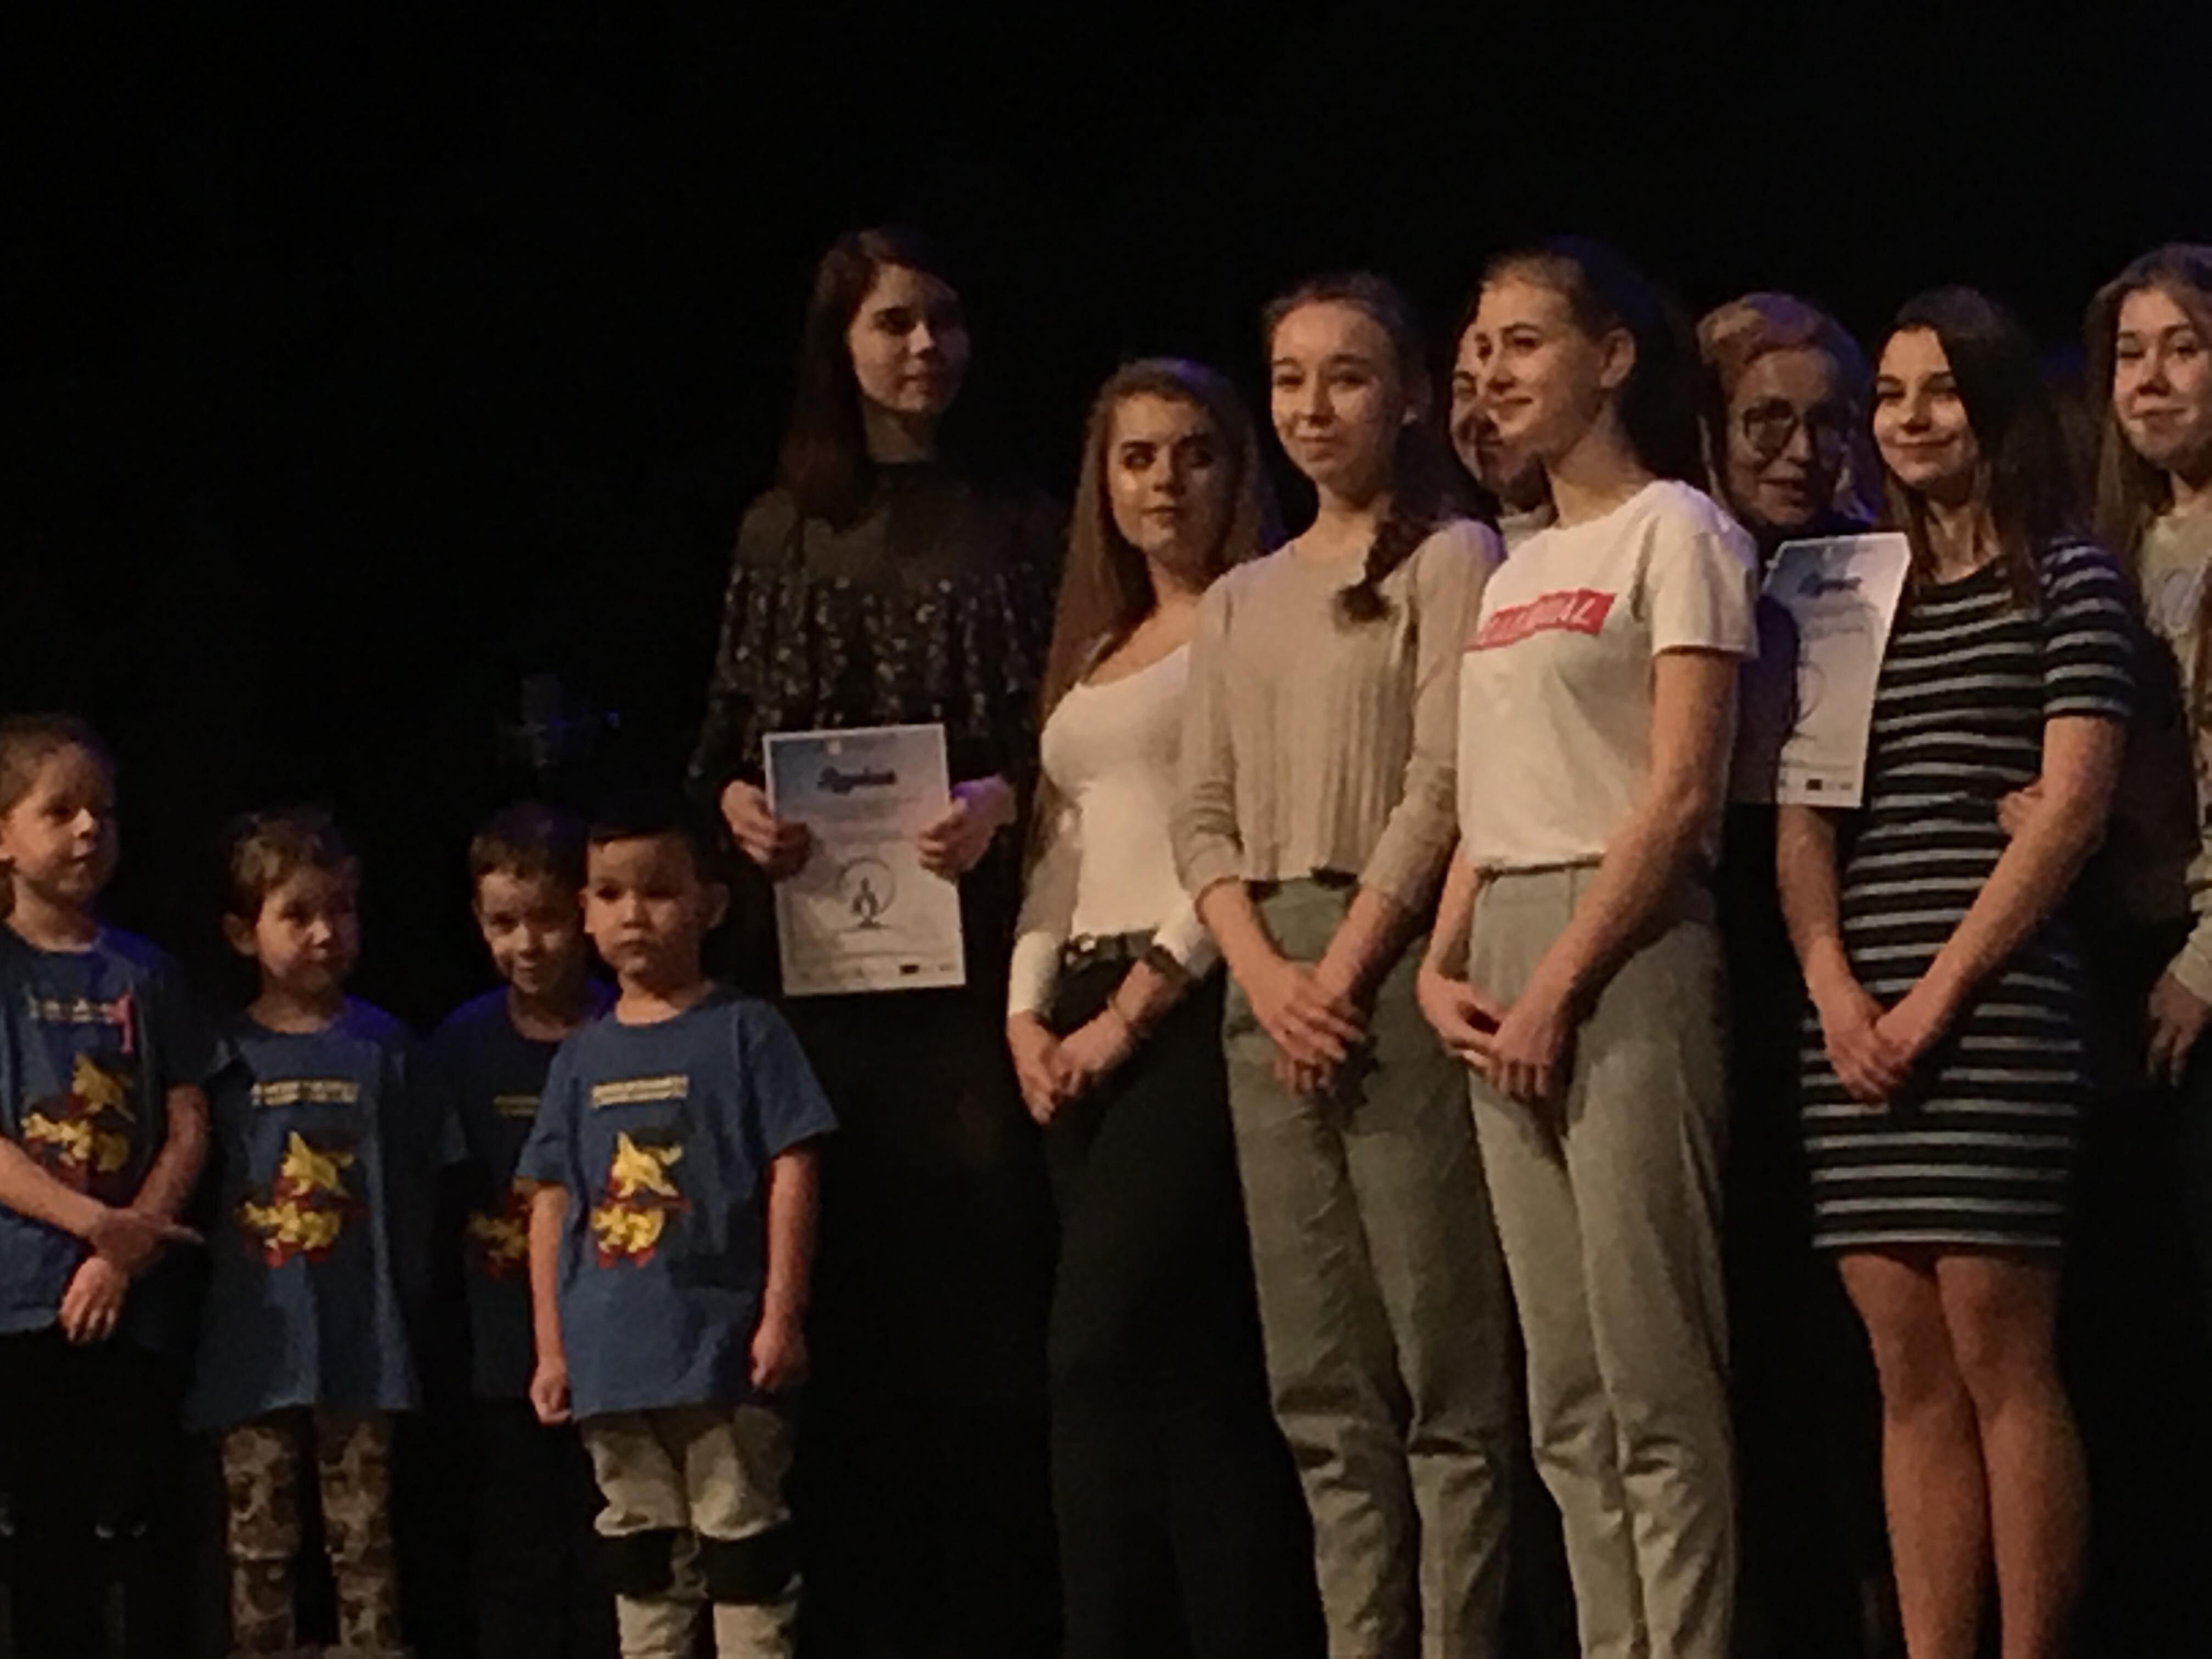 Sukces drużyny I LO na II Festiwalu Praw Człowieka w Kędzierzynie-Koźlu